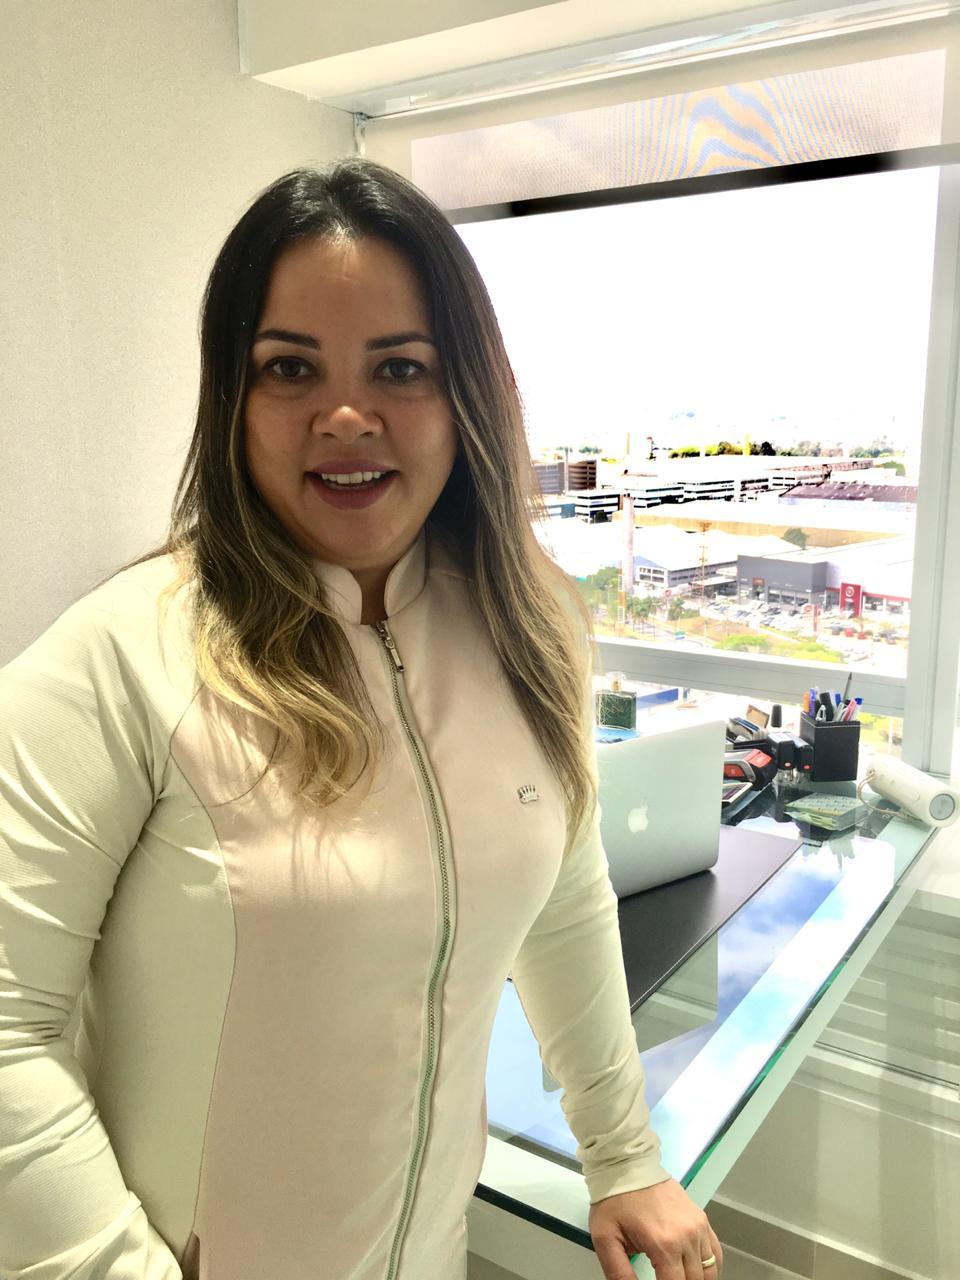 Silmara Alves Rozo Ducatti